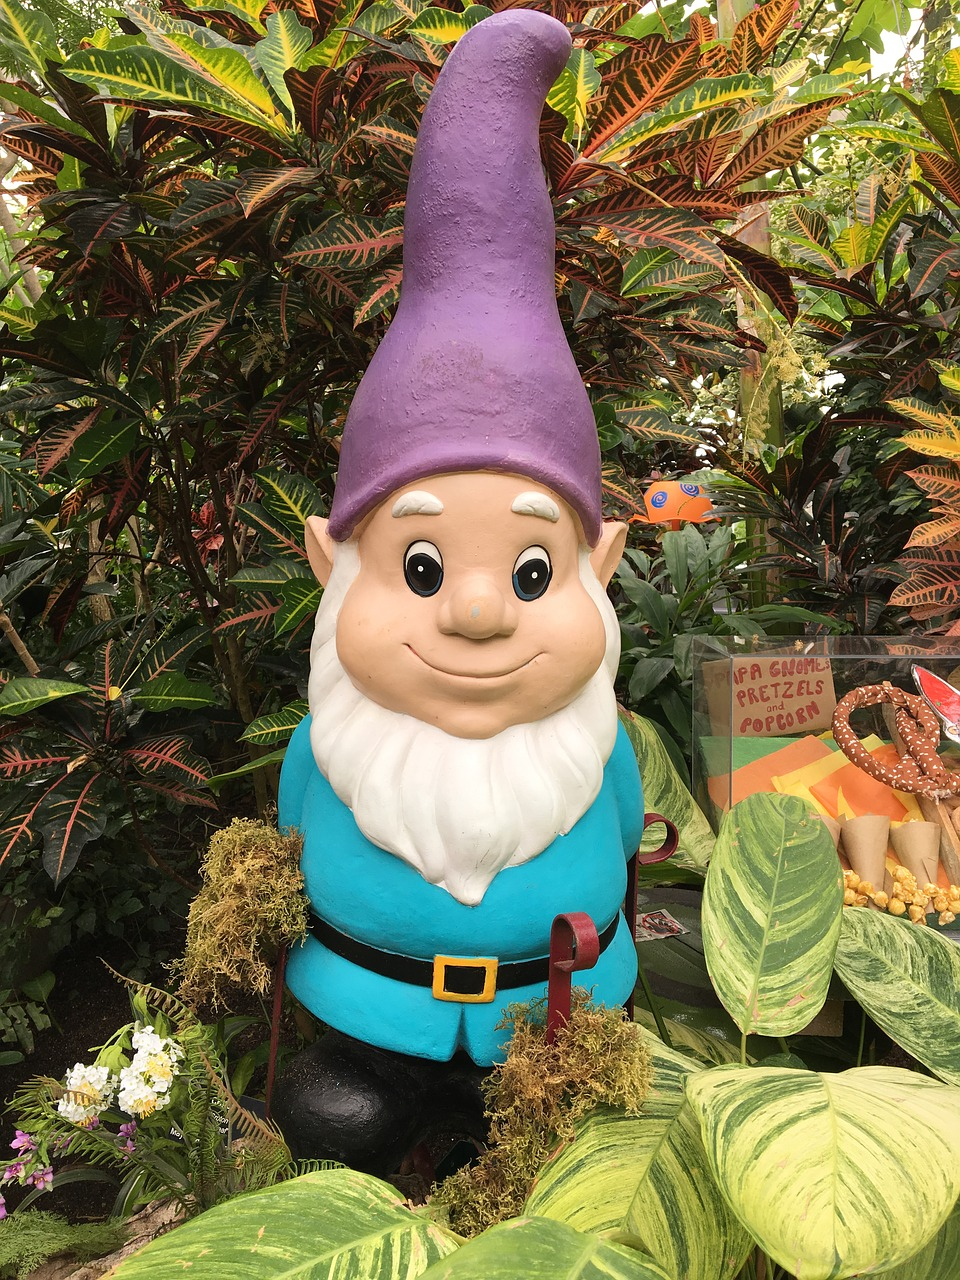 Gnome depiction